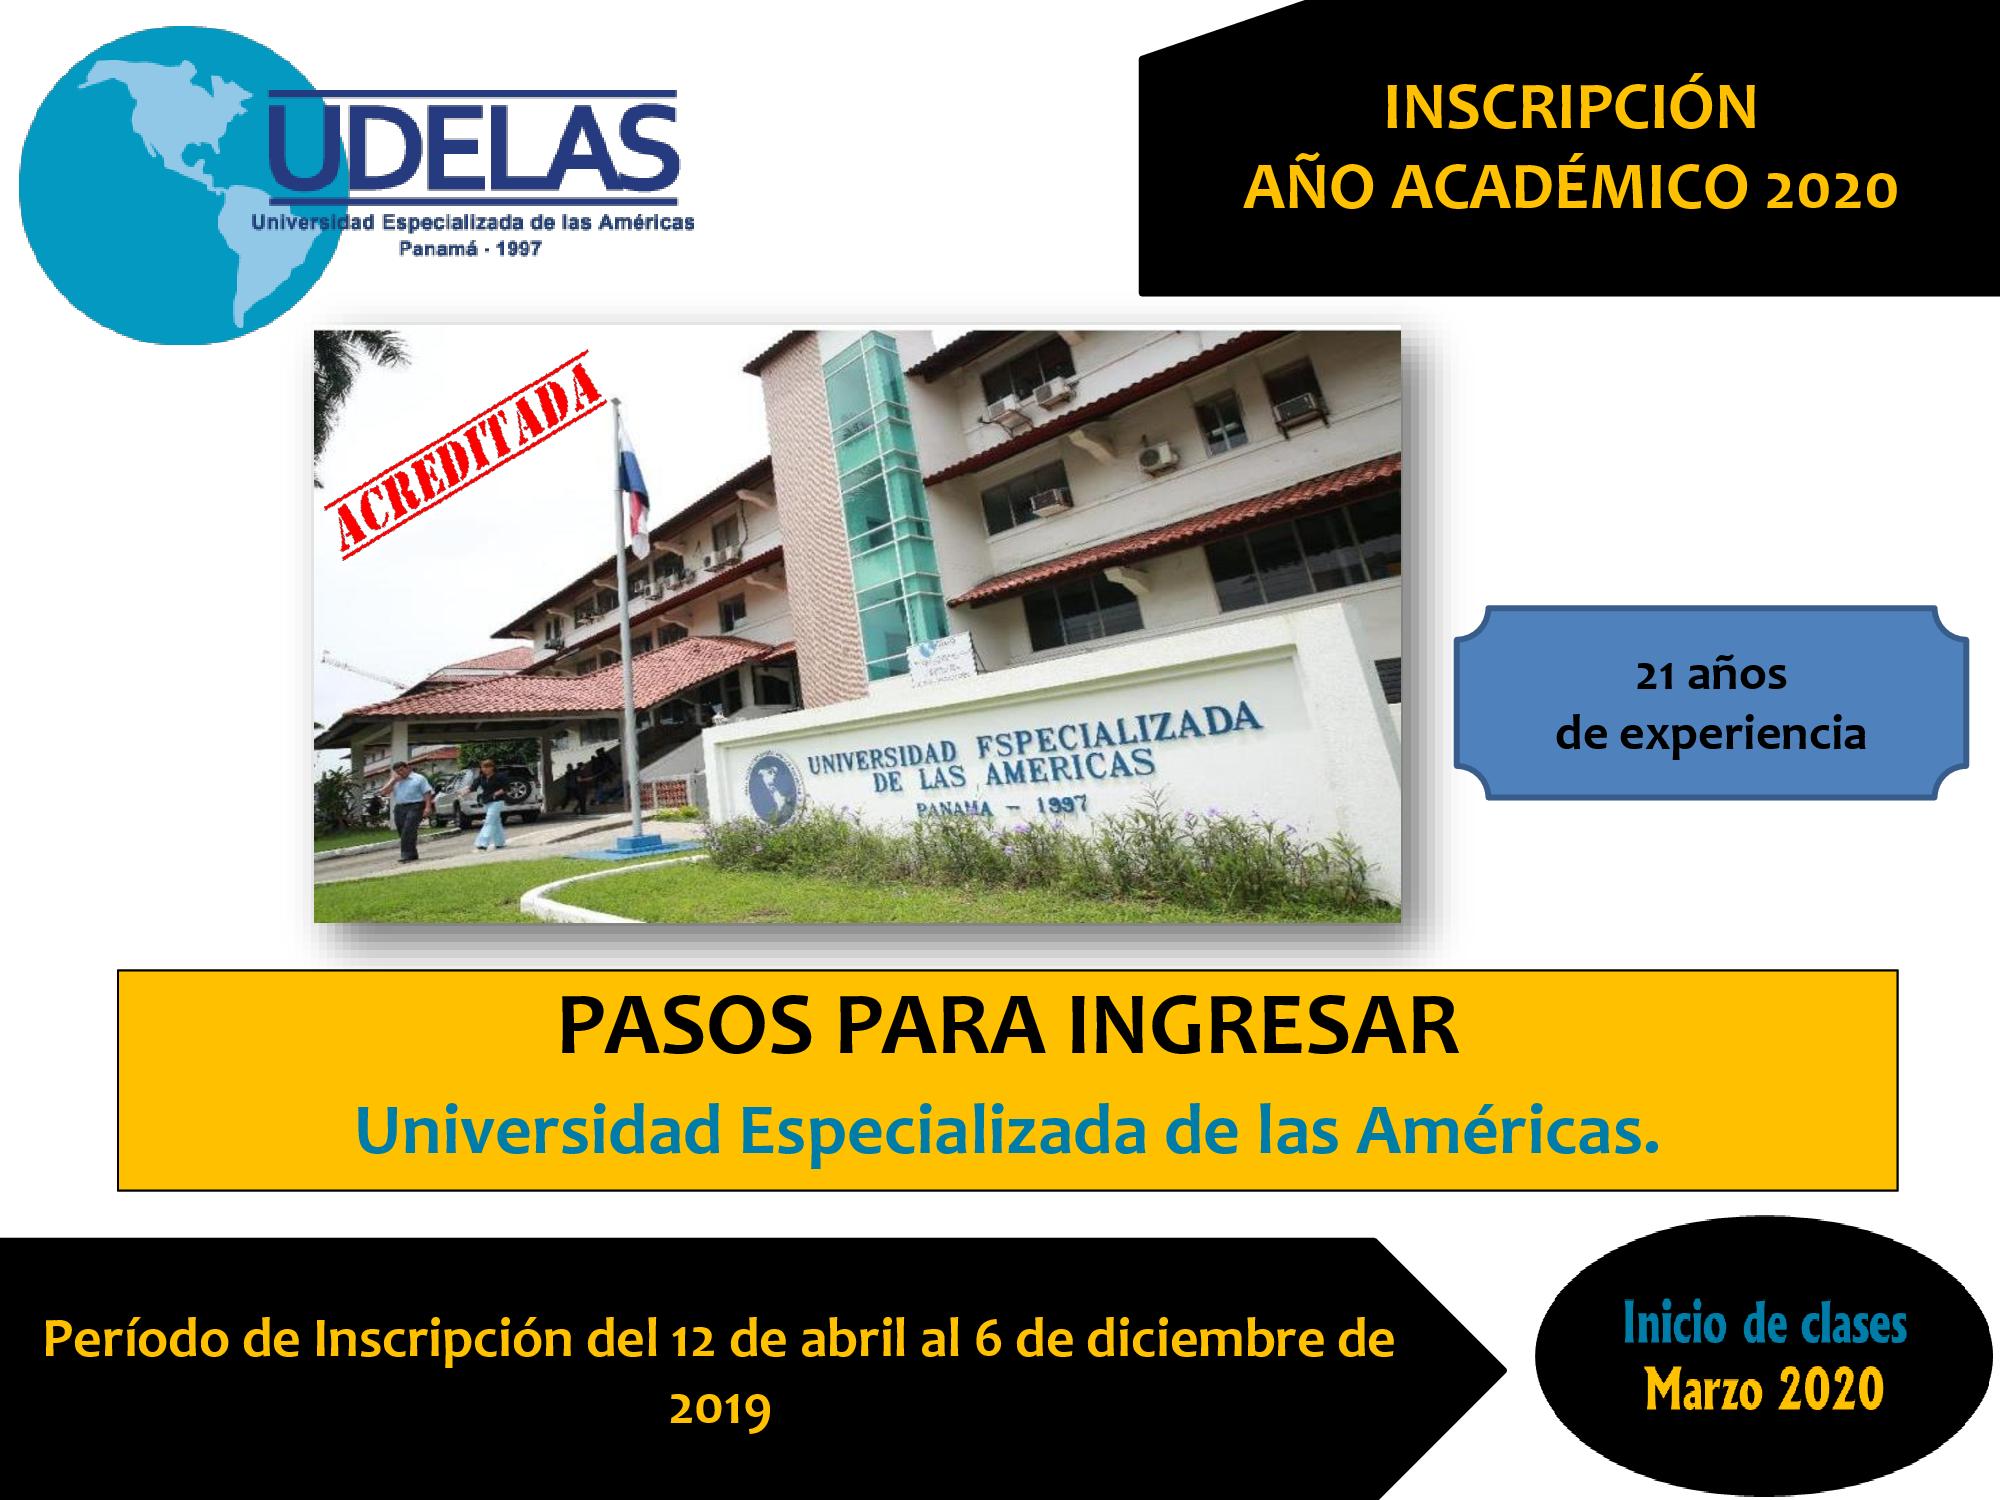 Calendario Escolar Universidad De Panama 2019.Admision 2020 Udelas